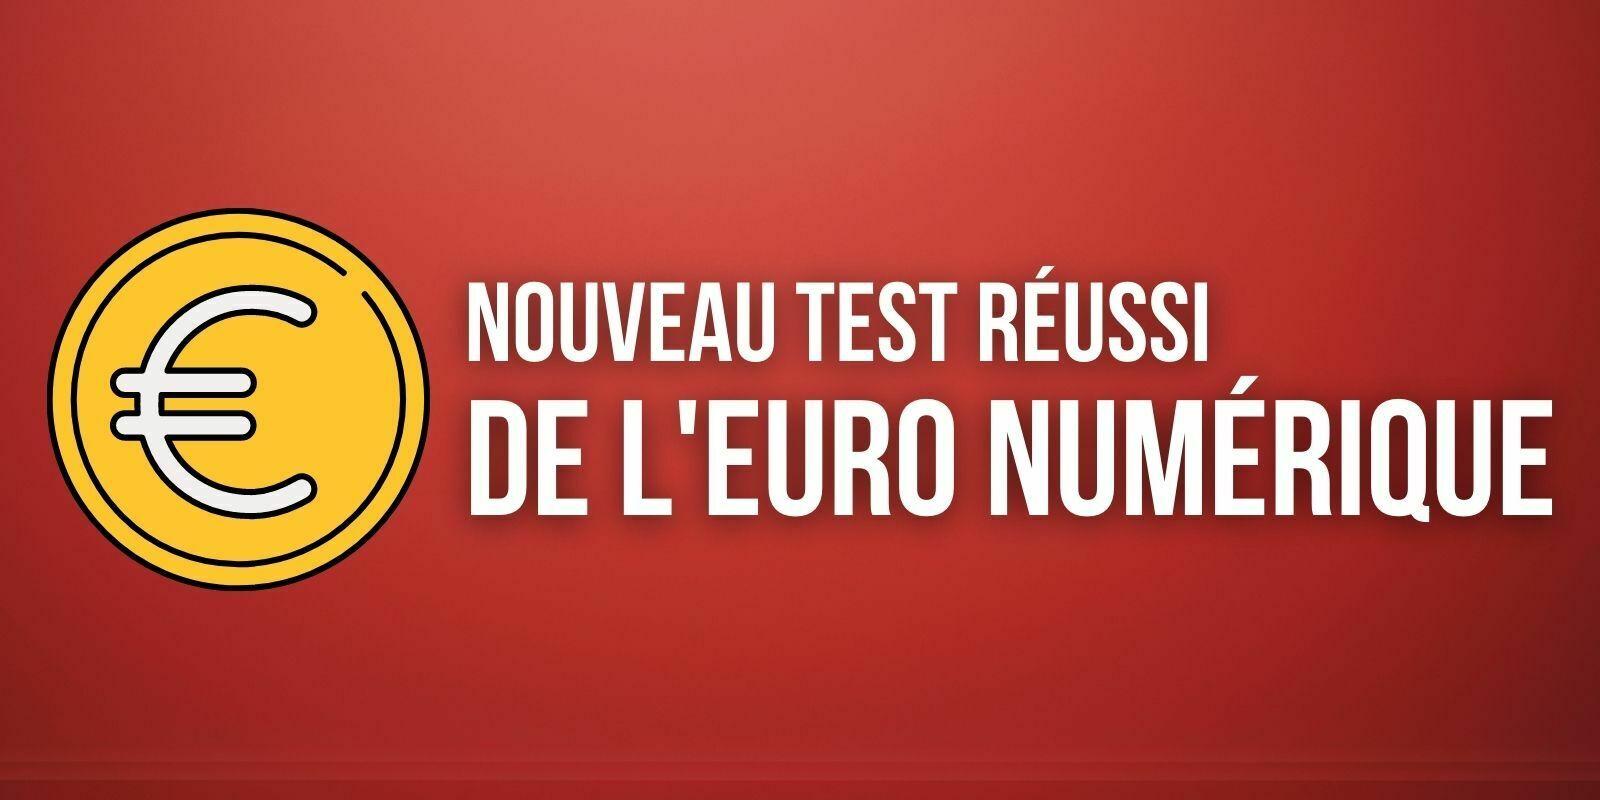 Euro numérique : la Banque de France annonce un 7e test réussi avec la Banque Centrale de Tunisie